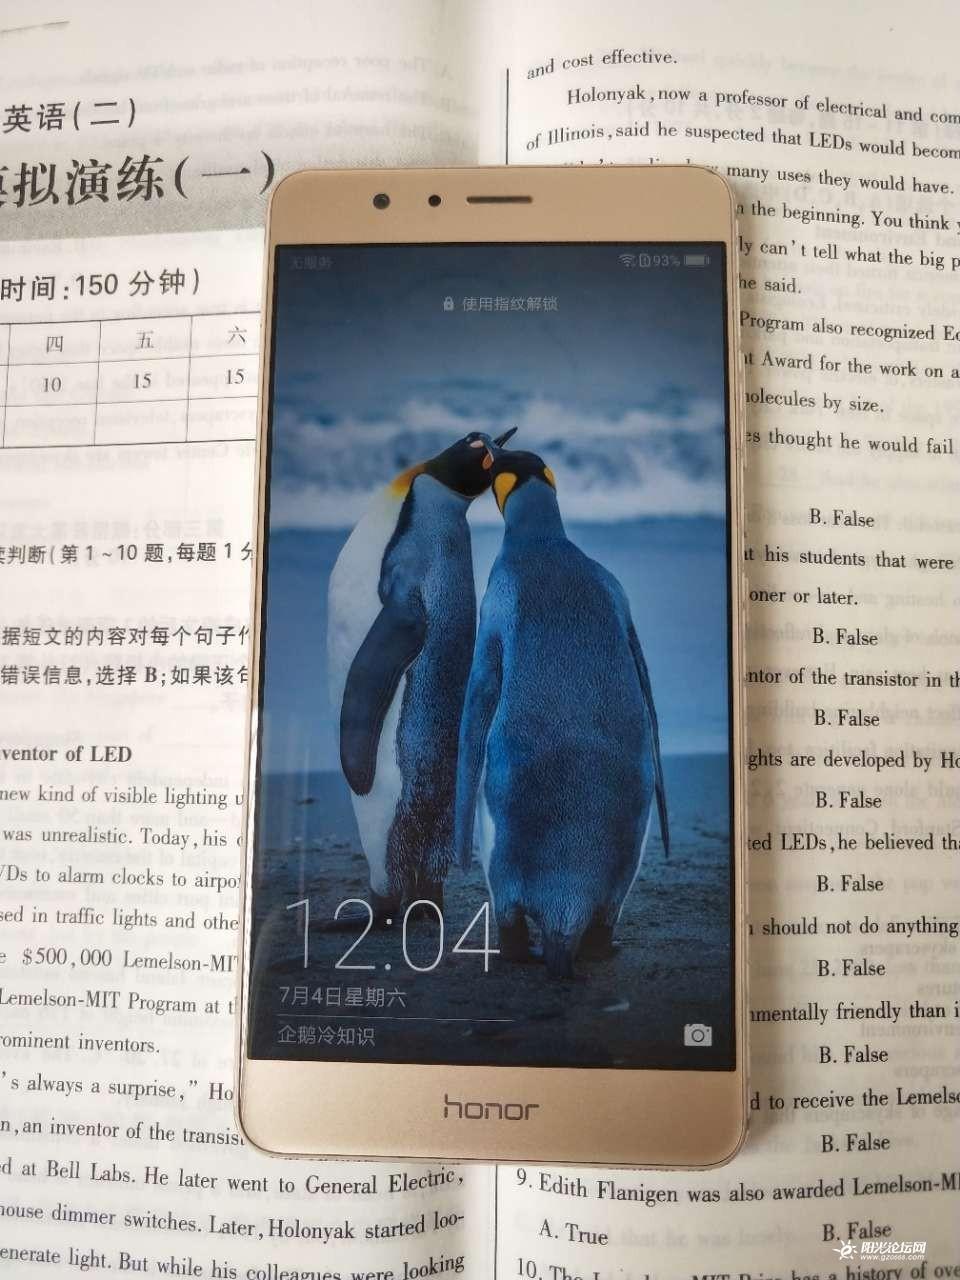 出售华为荣耀V8手机,内存4+64G,2K屏幕,全原装。350毫安电池待机时间长。图2